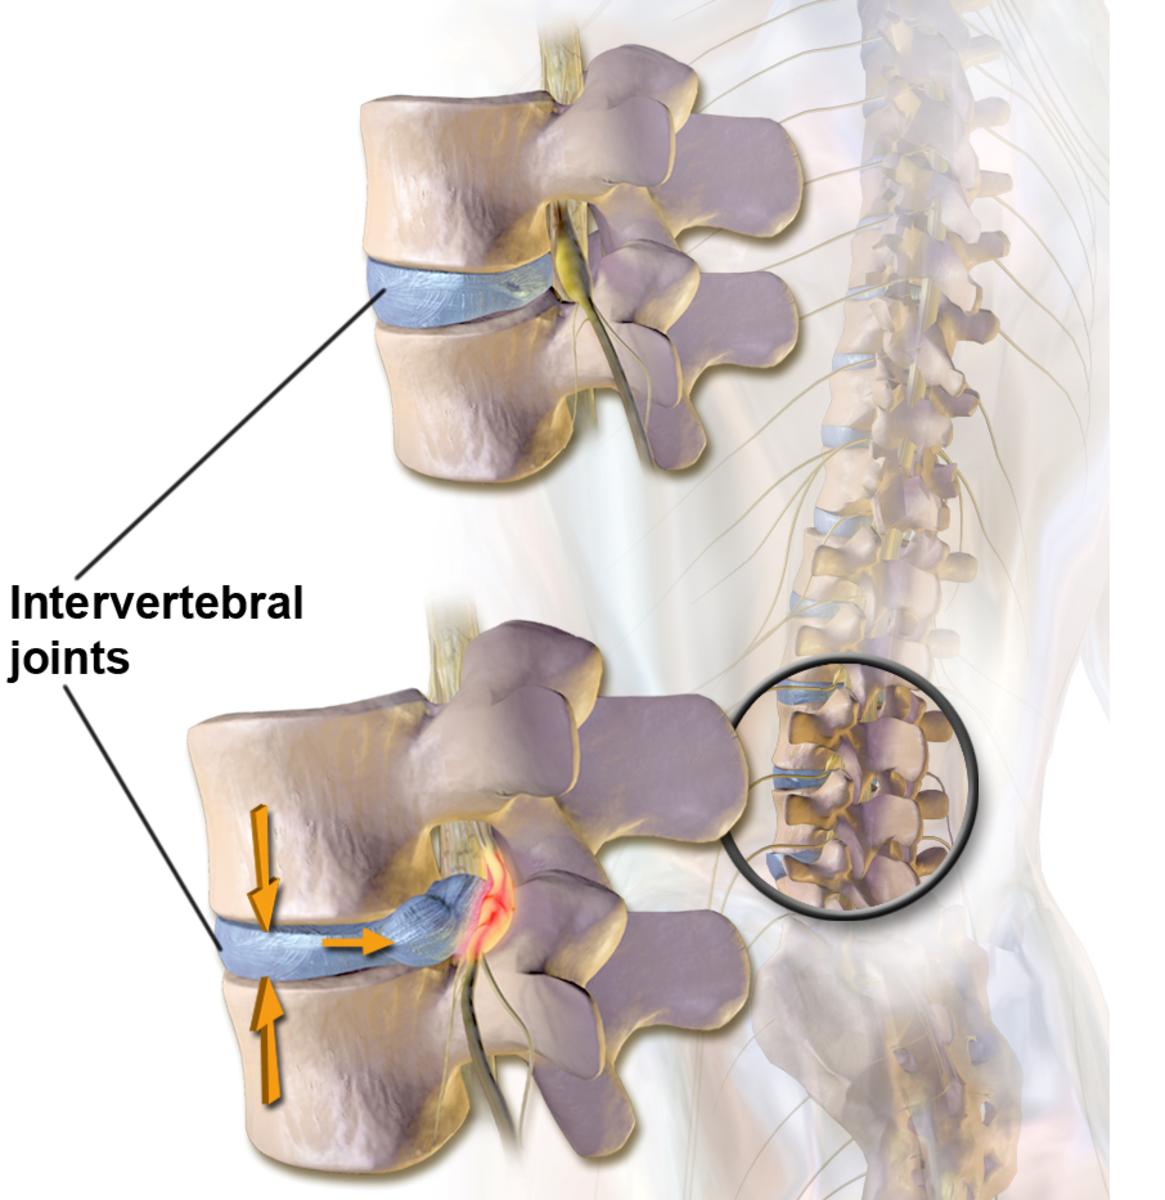 Intervertebral fibrocartilage discs join vertebrae together